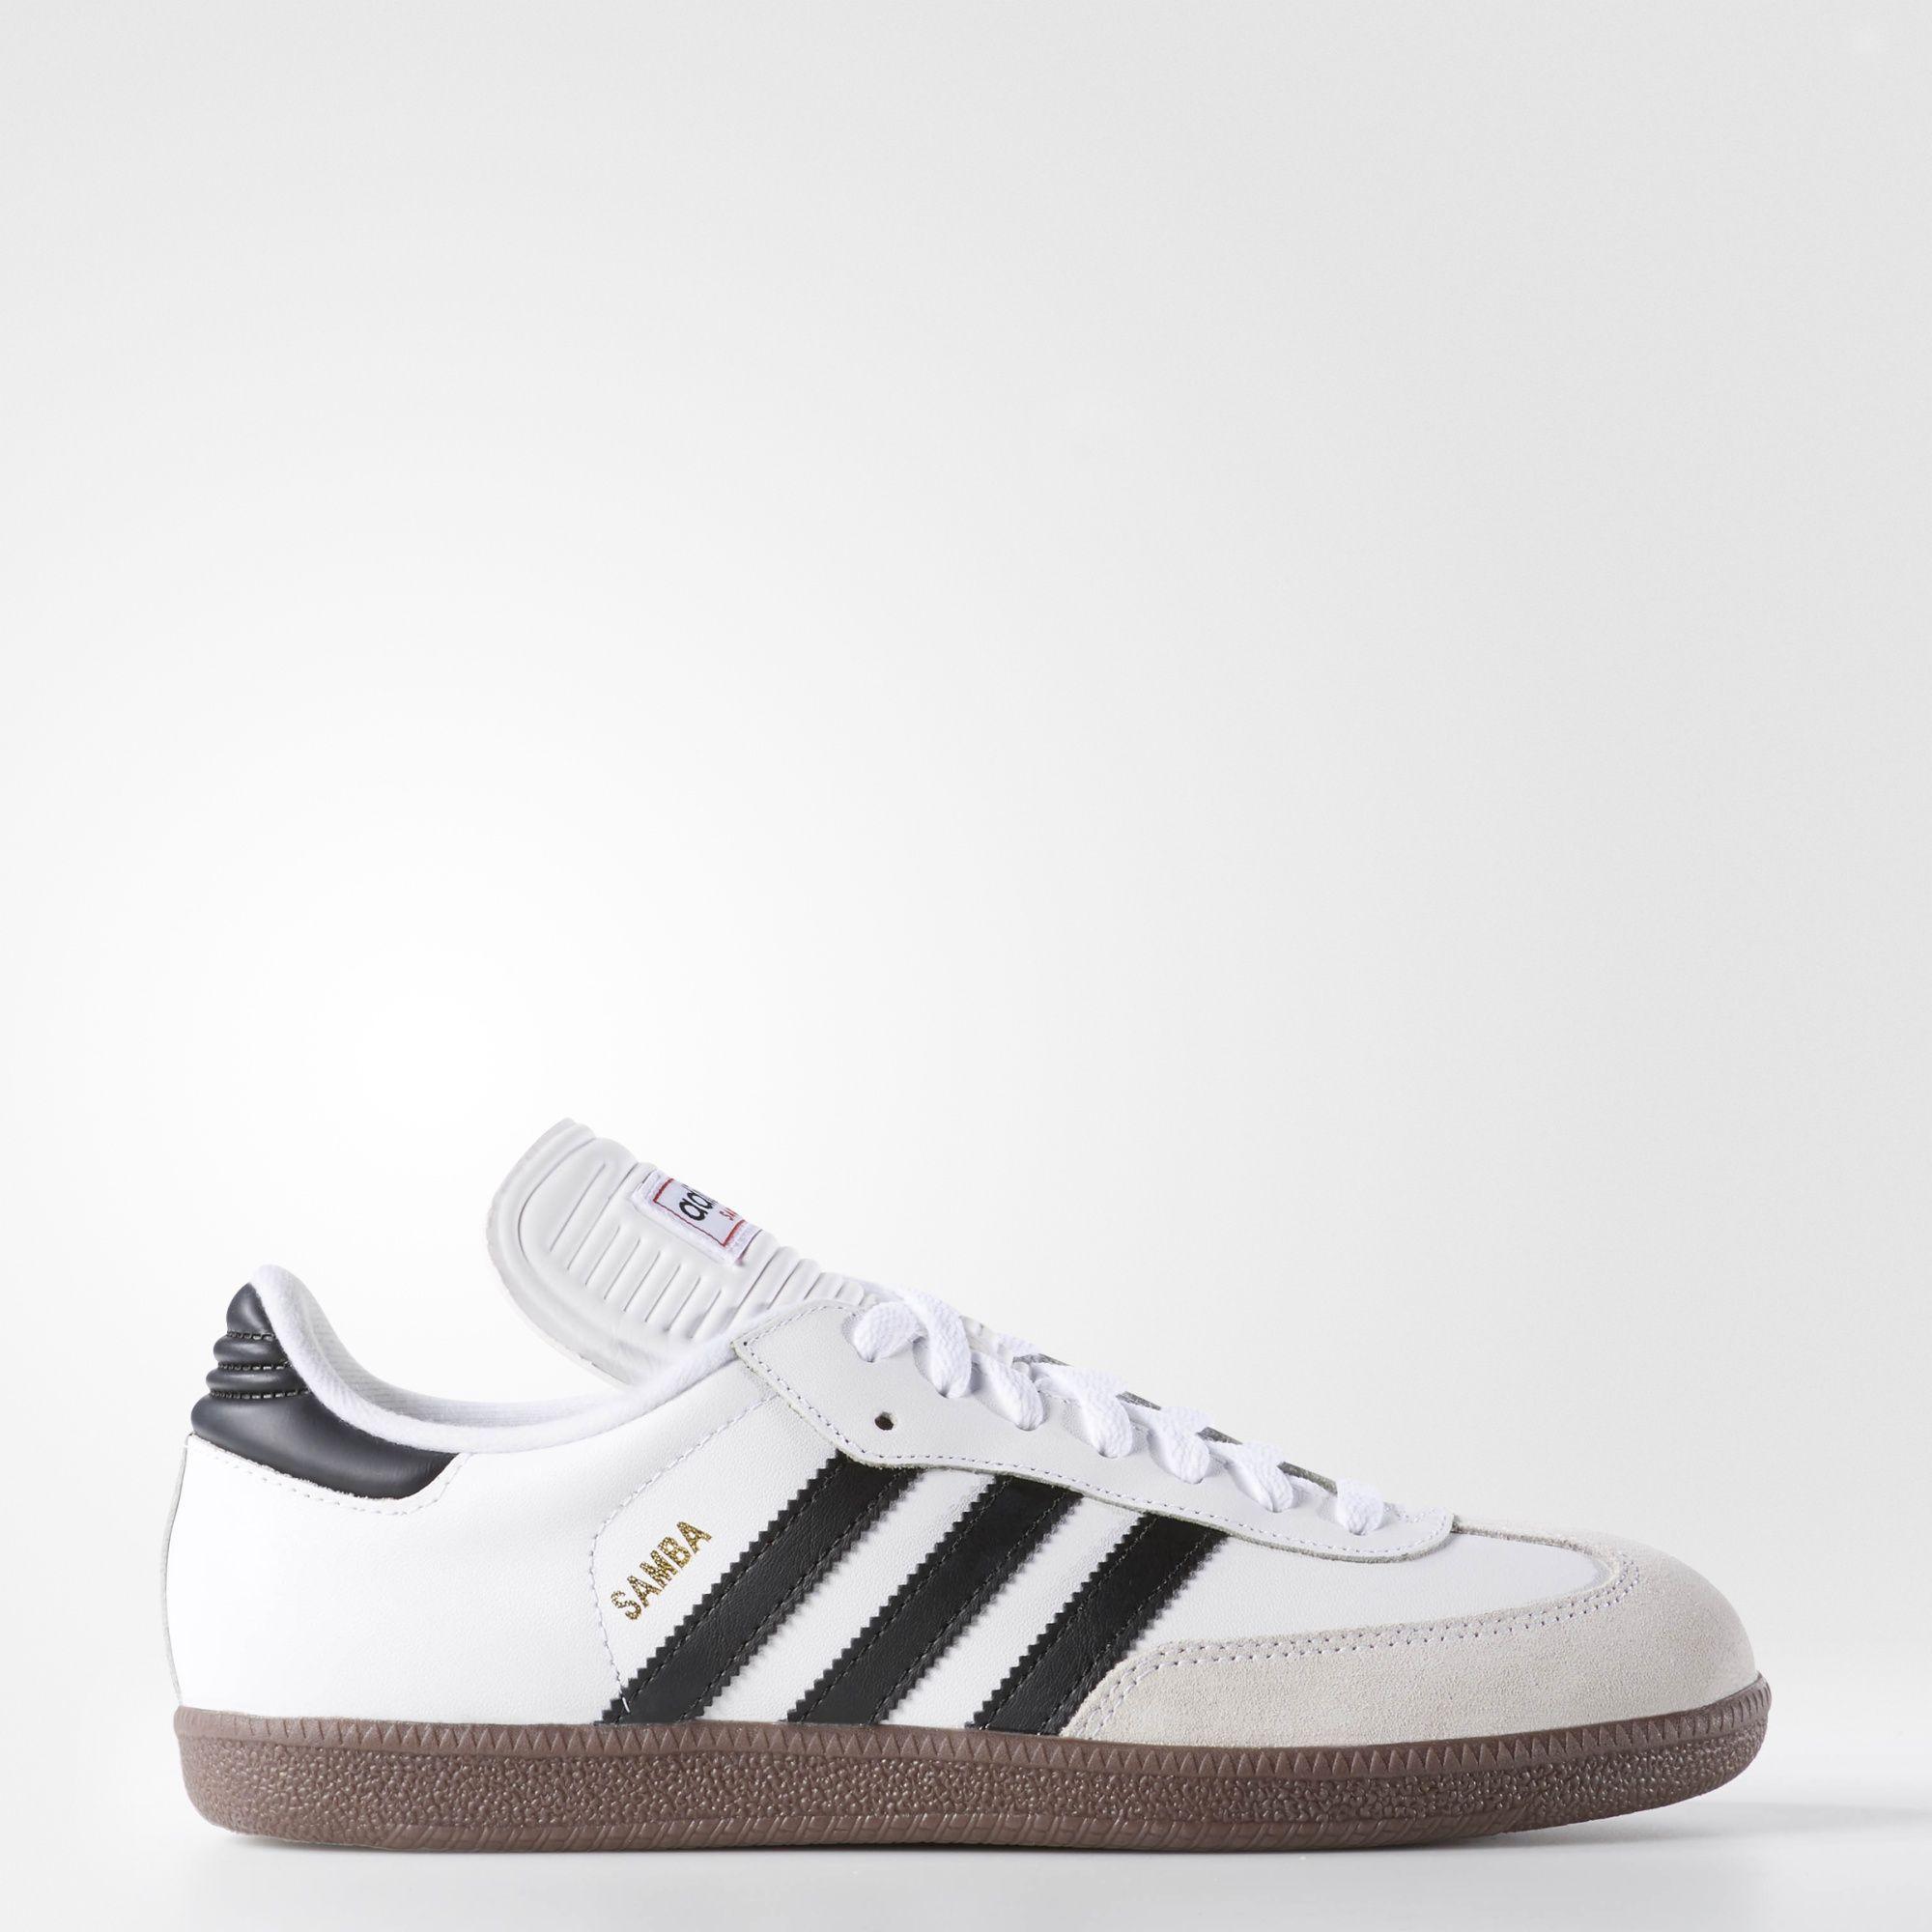 adidas Originals White Samba Original Sneakers women adidas black and goldtimeless design